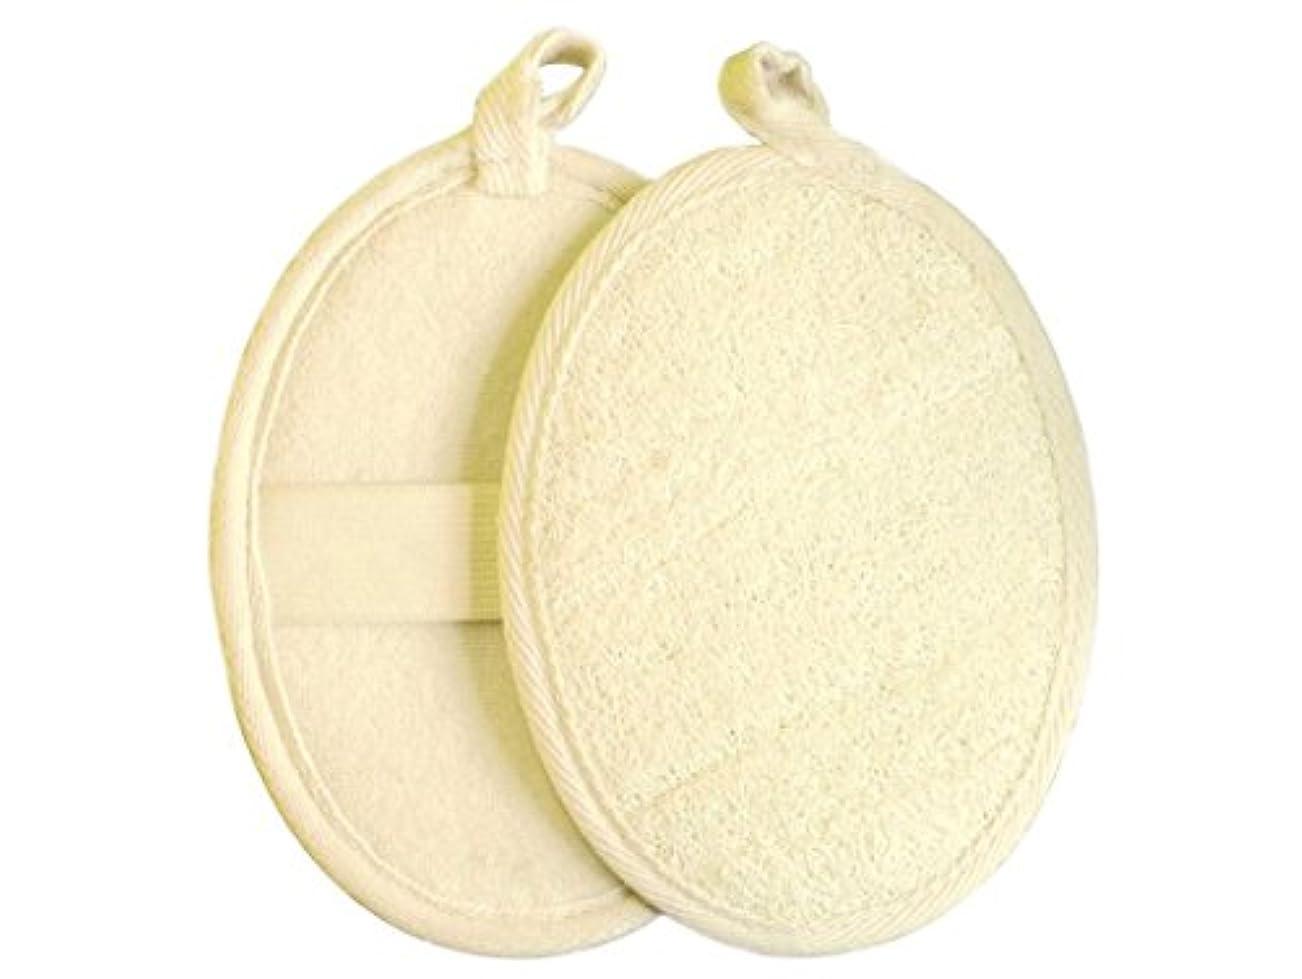 家族防止爆風[Chinryou] ボディ スポンジ 天然 ヘチマ 泡立て 柔らかい バススポンジ お風呂 洗面所 浴室 バスルーム(2枚入)